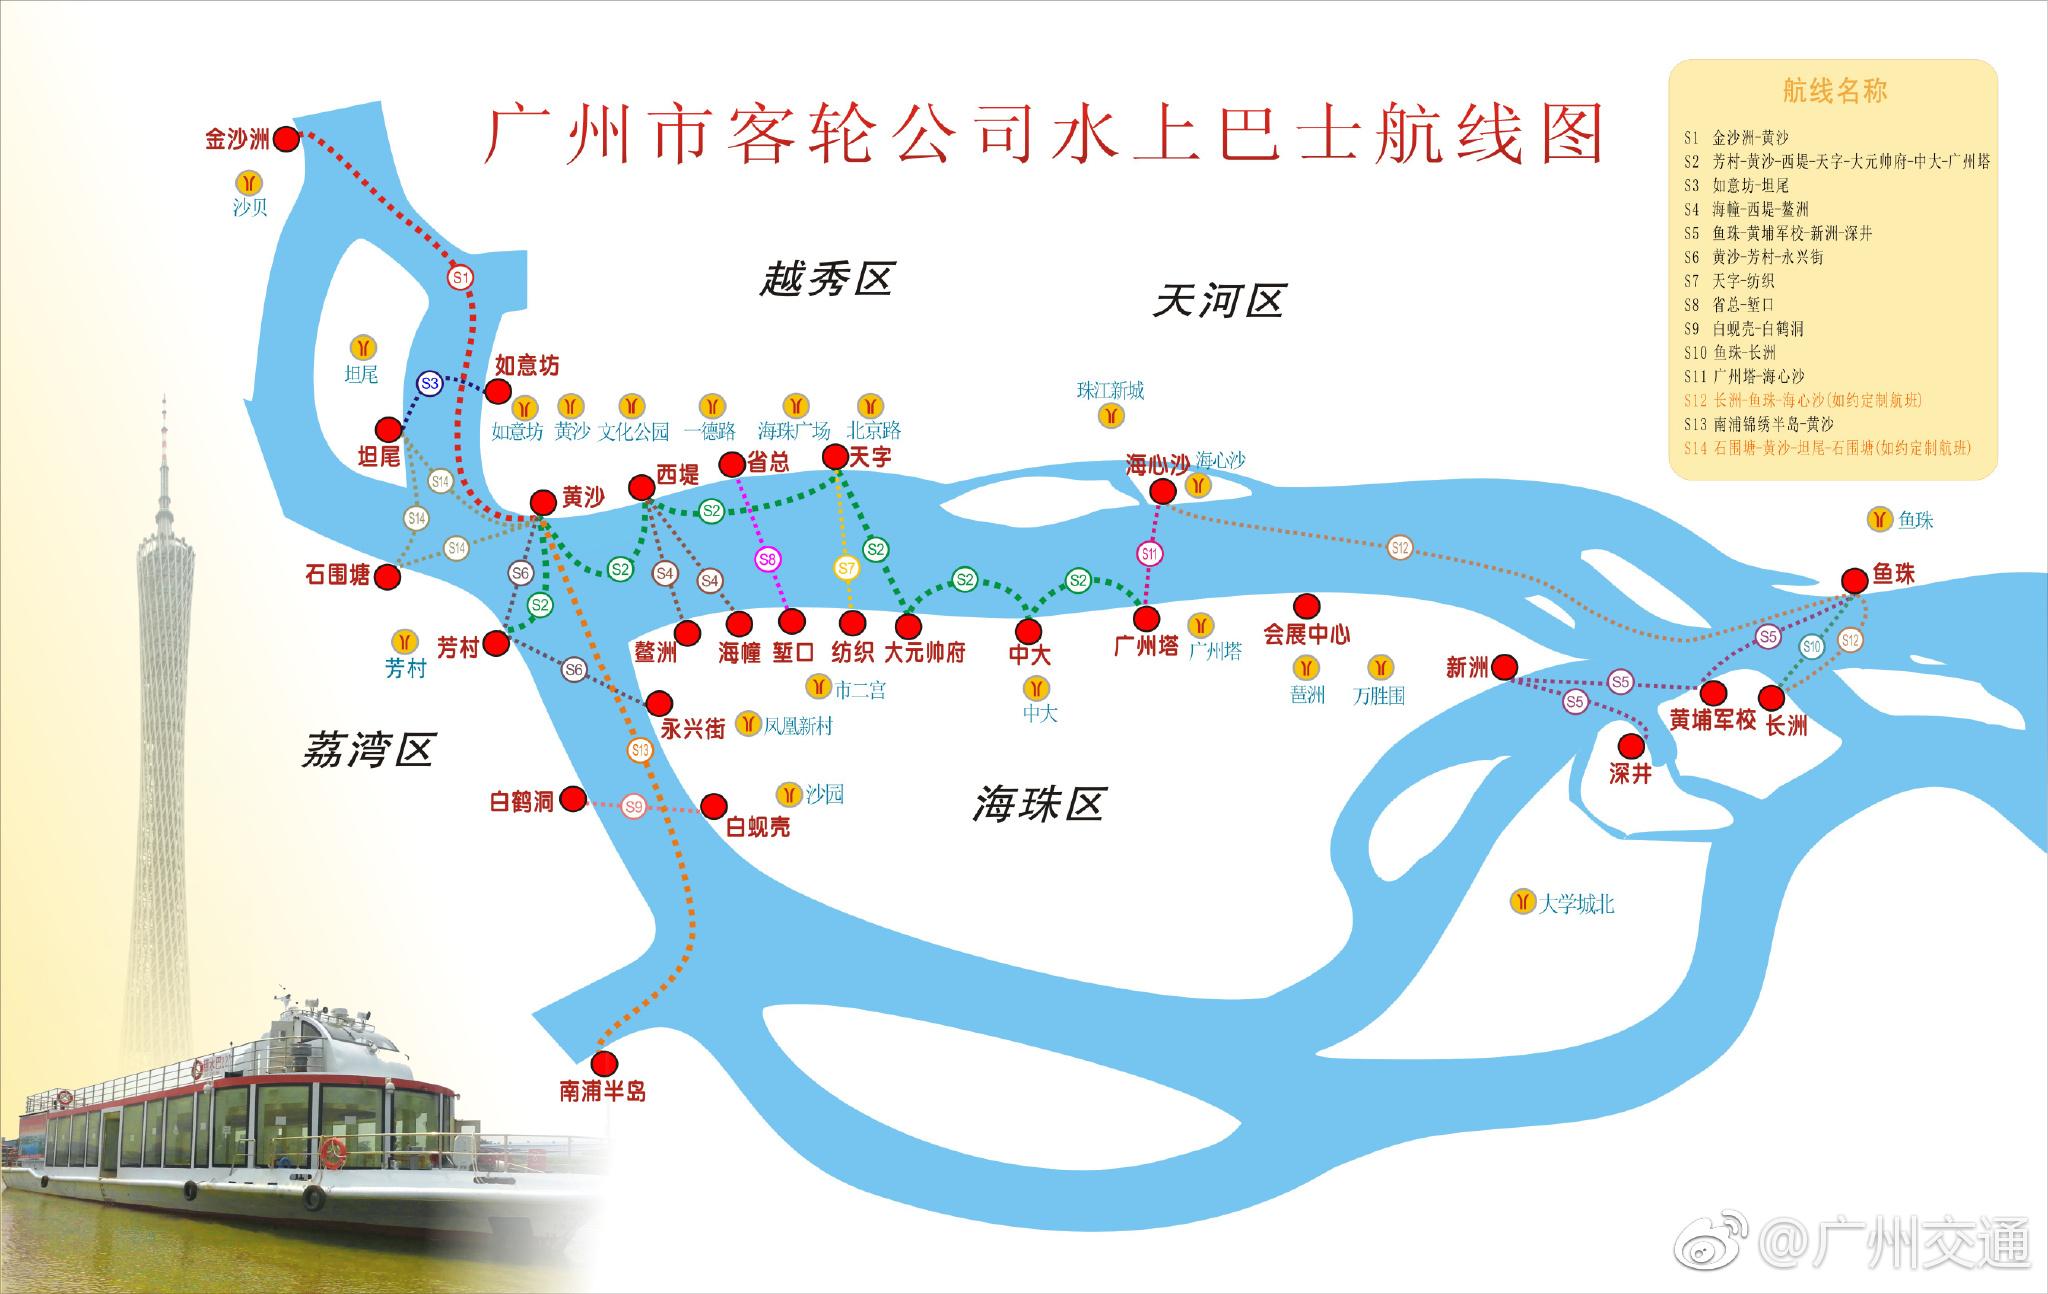 2017年最新广州水上巴士线路图一览(图)